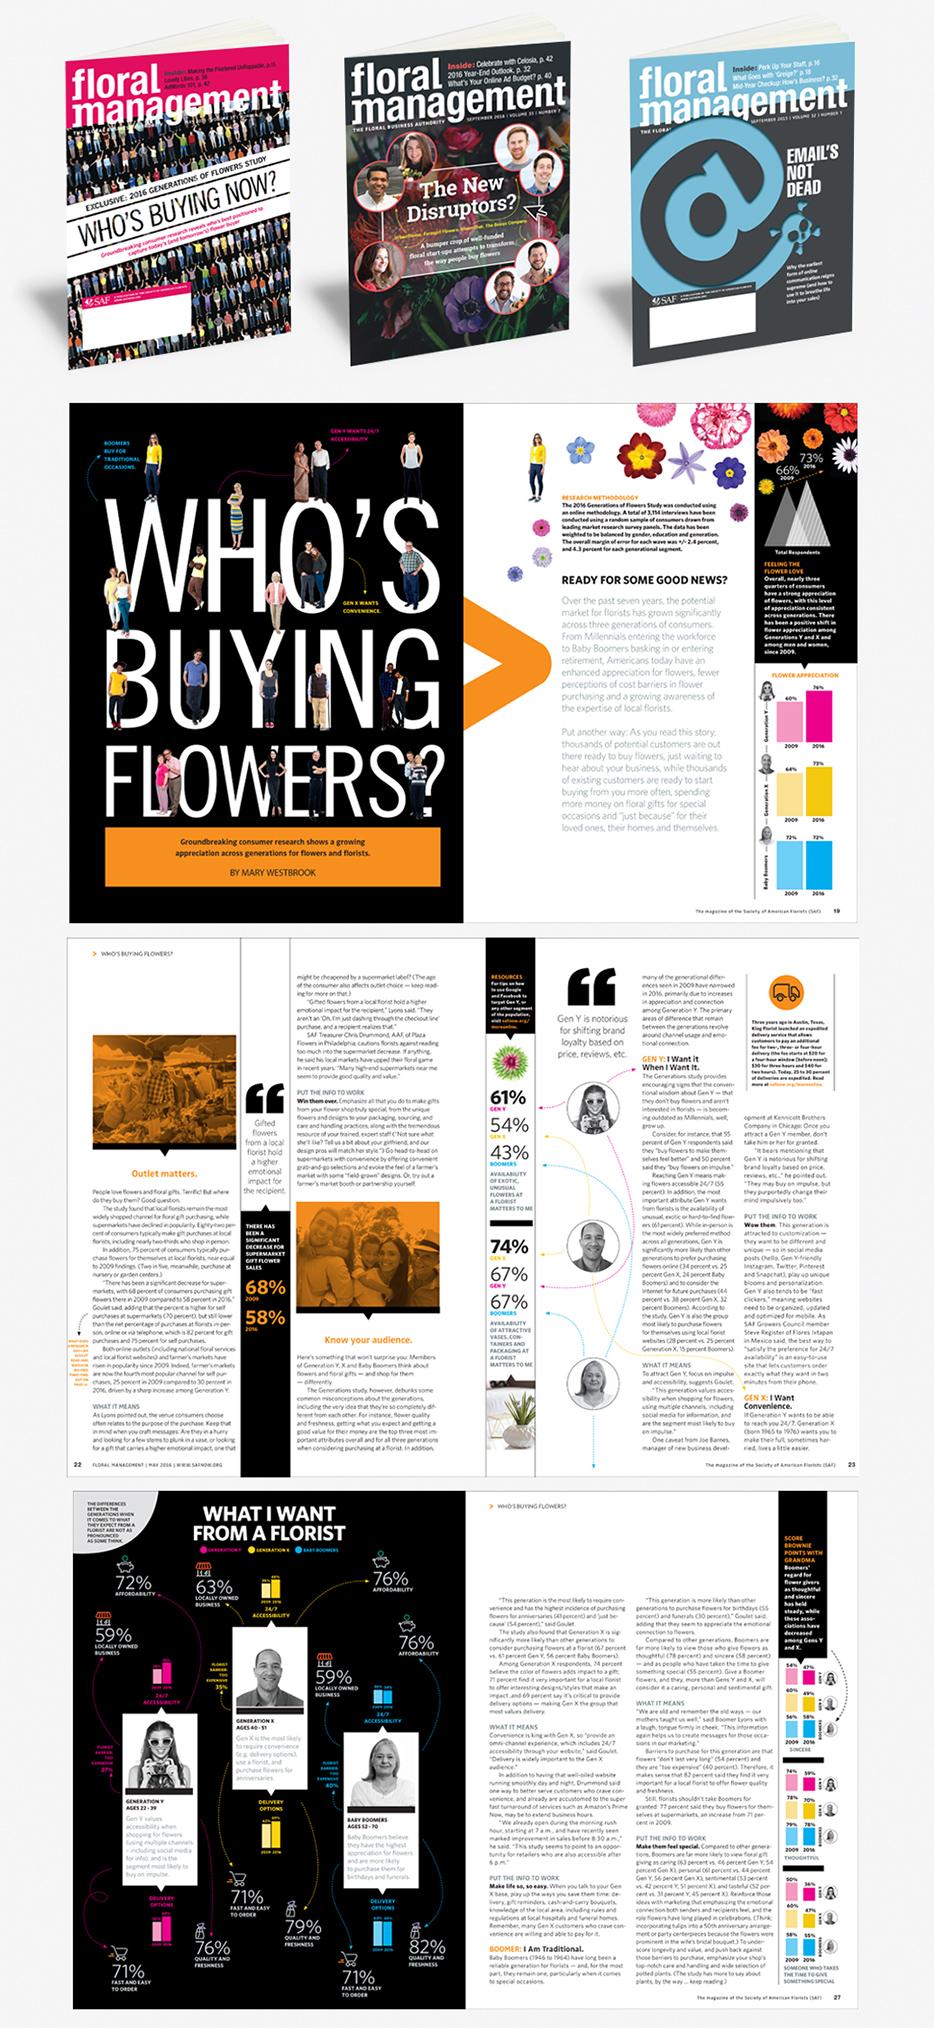 Floral Management Magazine